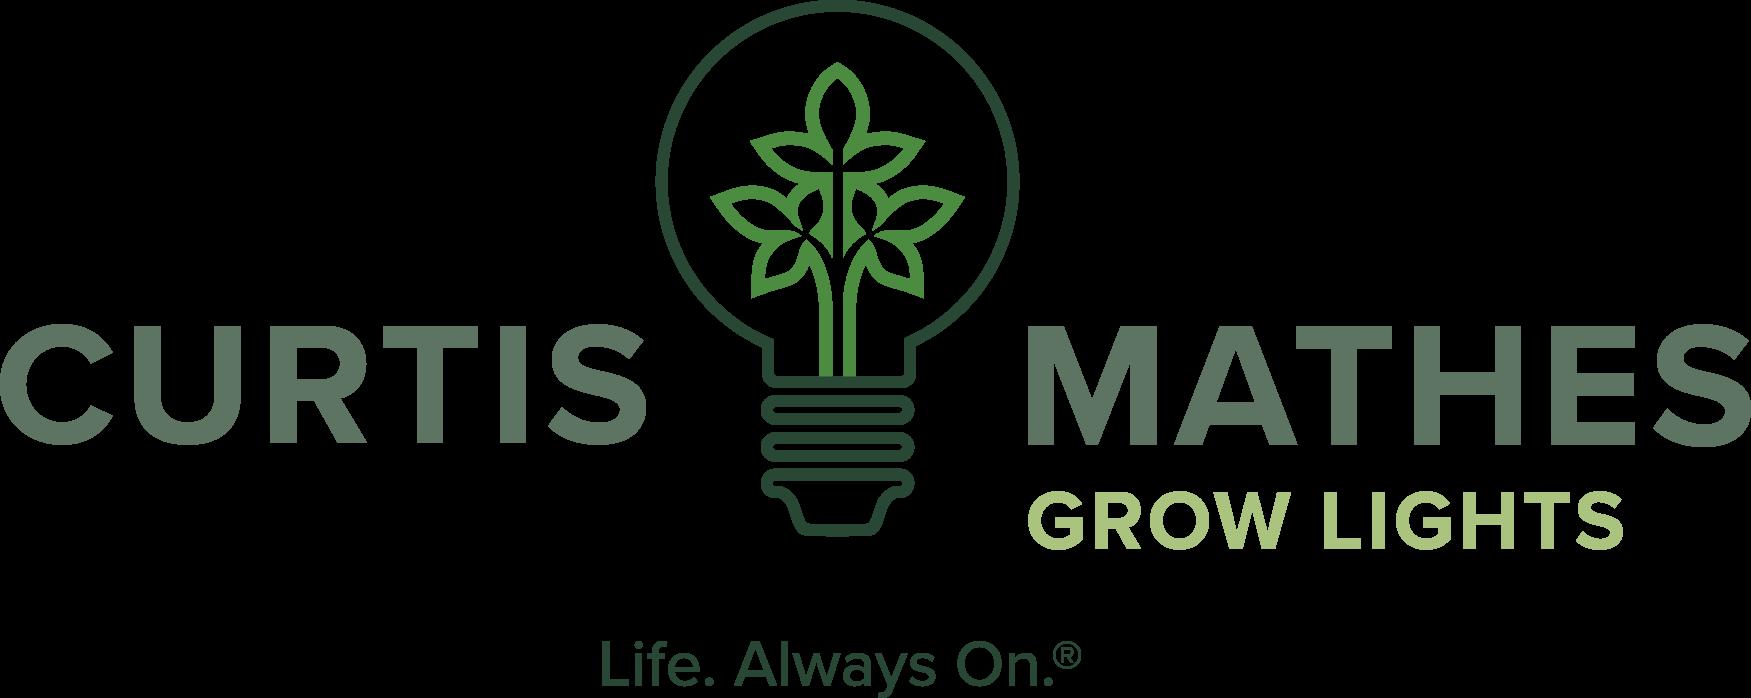 Curtis Mathes Grow Lights, Inc.